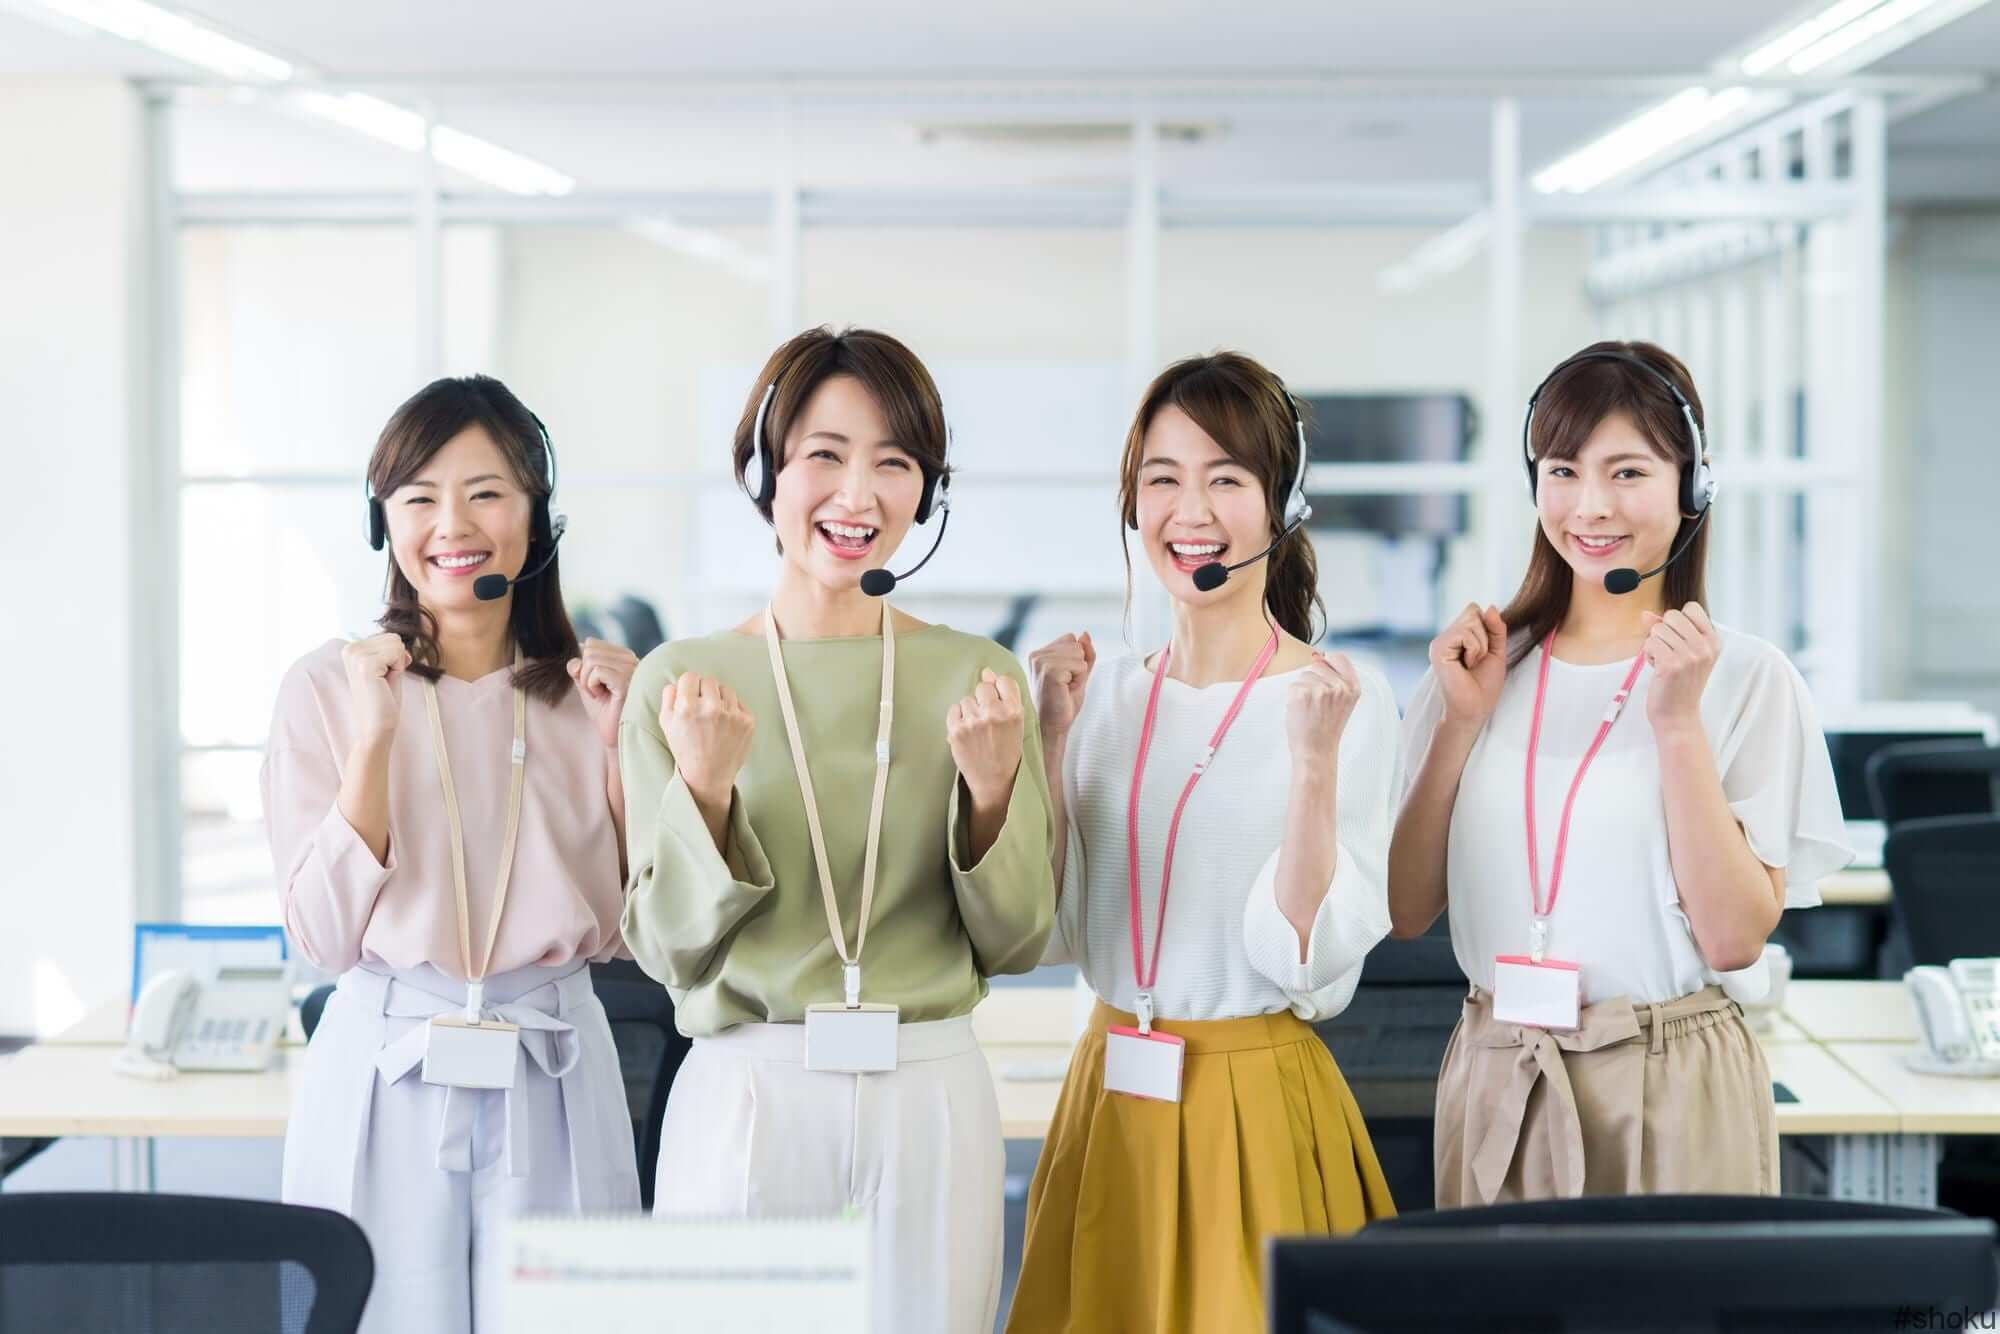 コールセンターの仕事で達成感を感じている女性たち